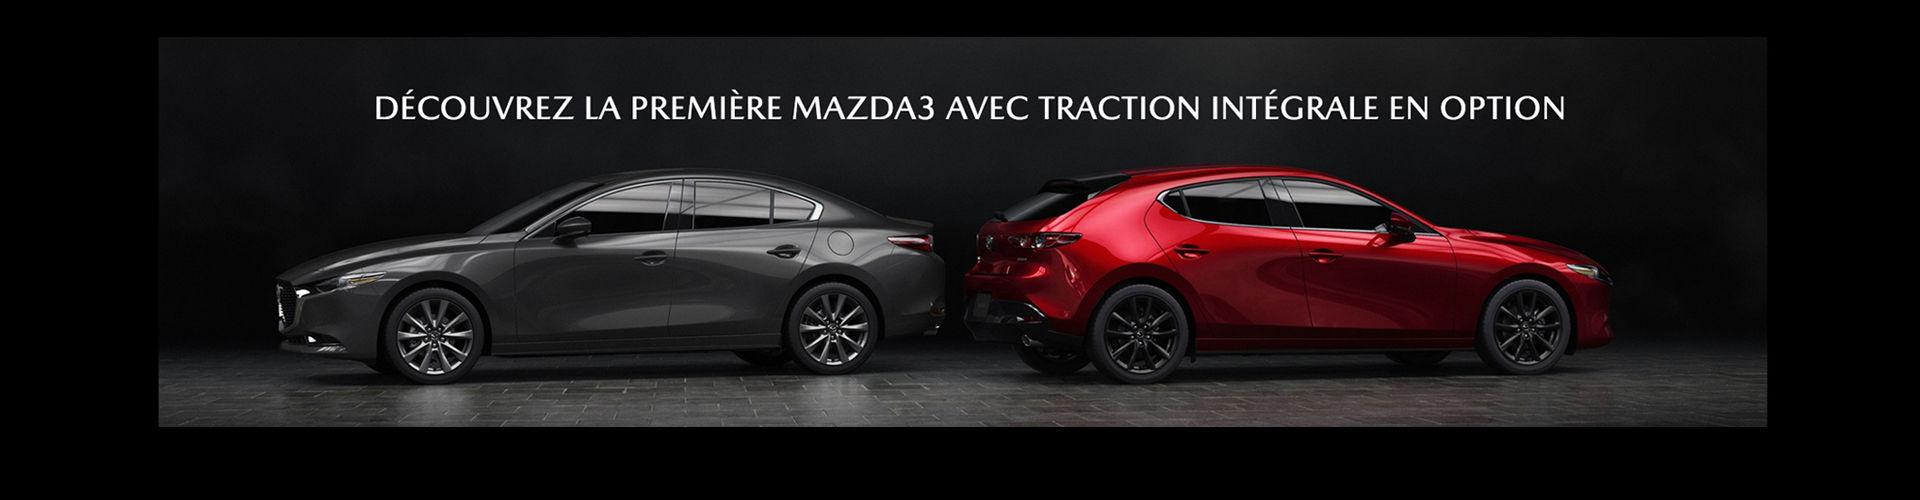 Mazda3 2019 Banniere